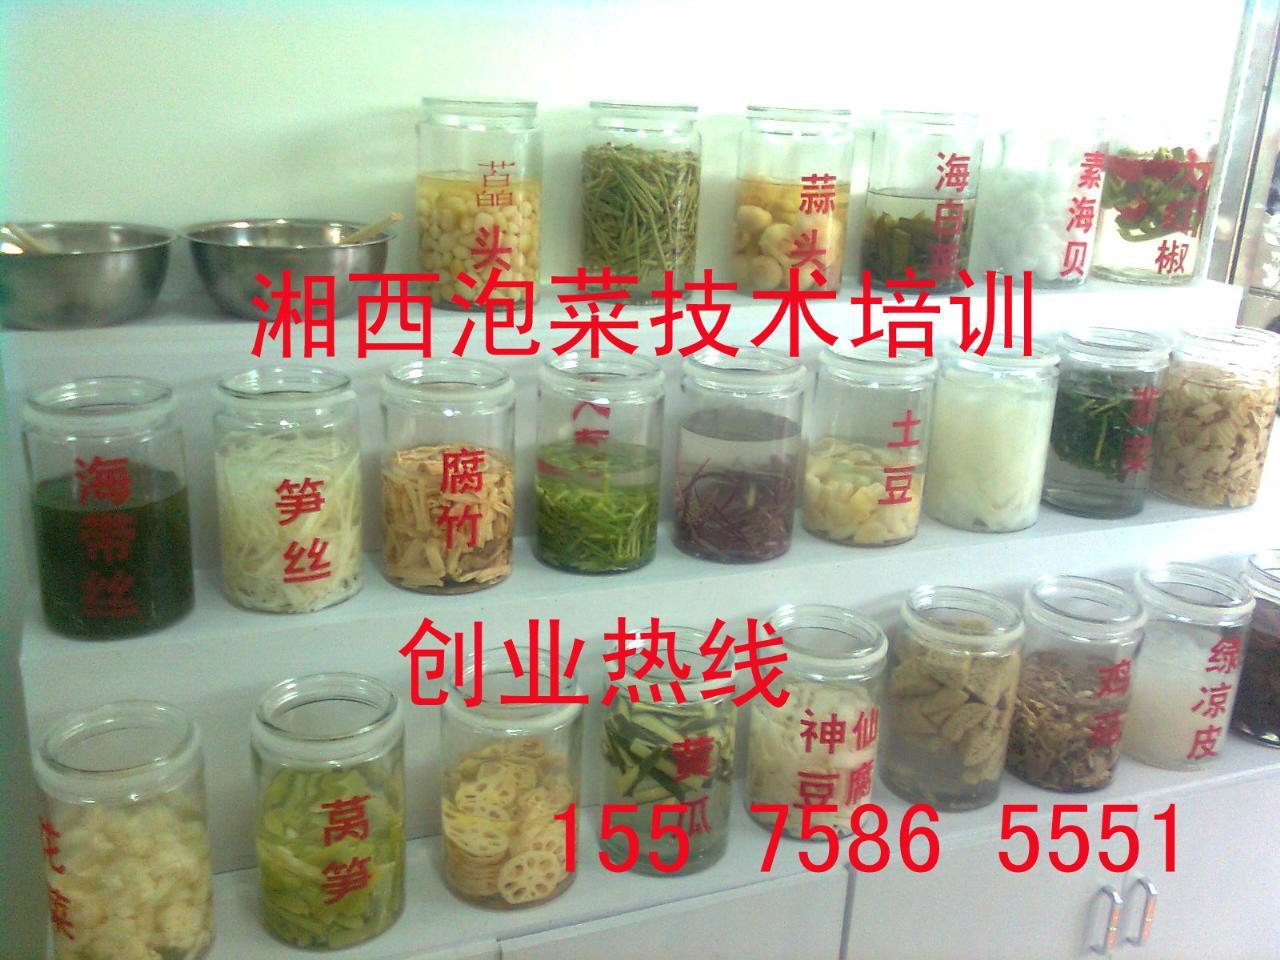 湘西泡菜加盟,2013开湘西泡菜小吃店最好